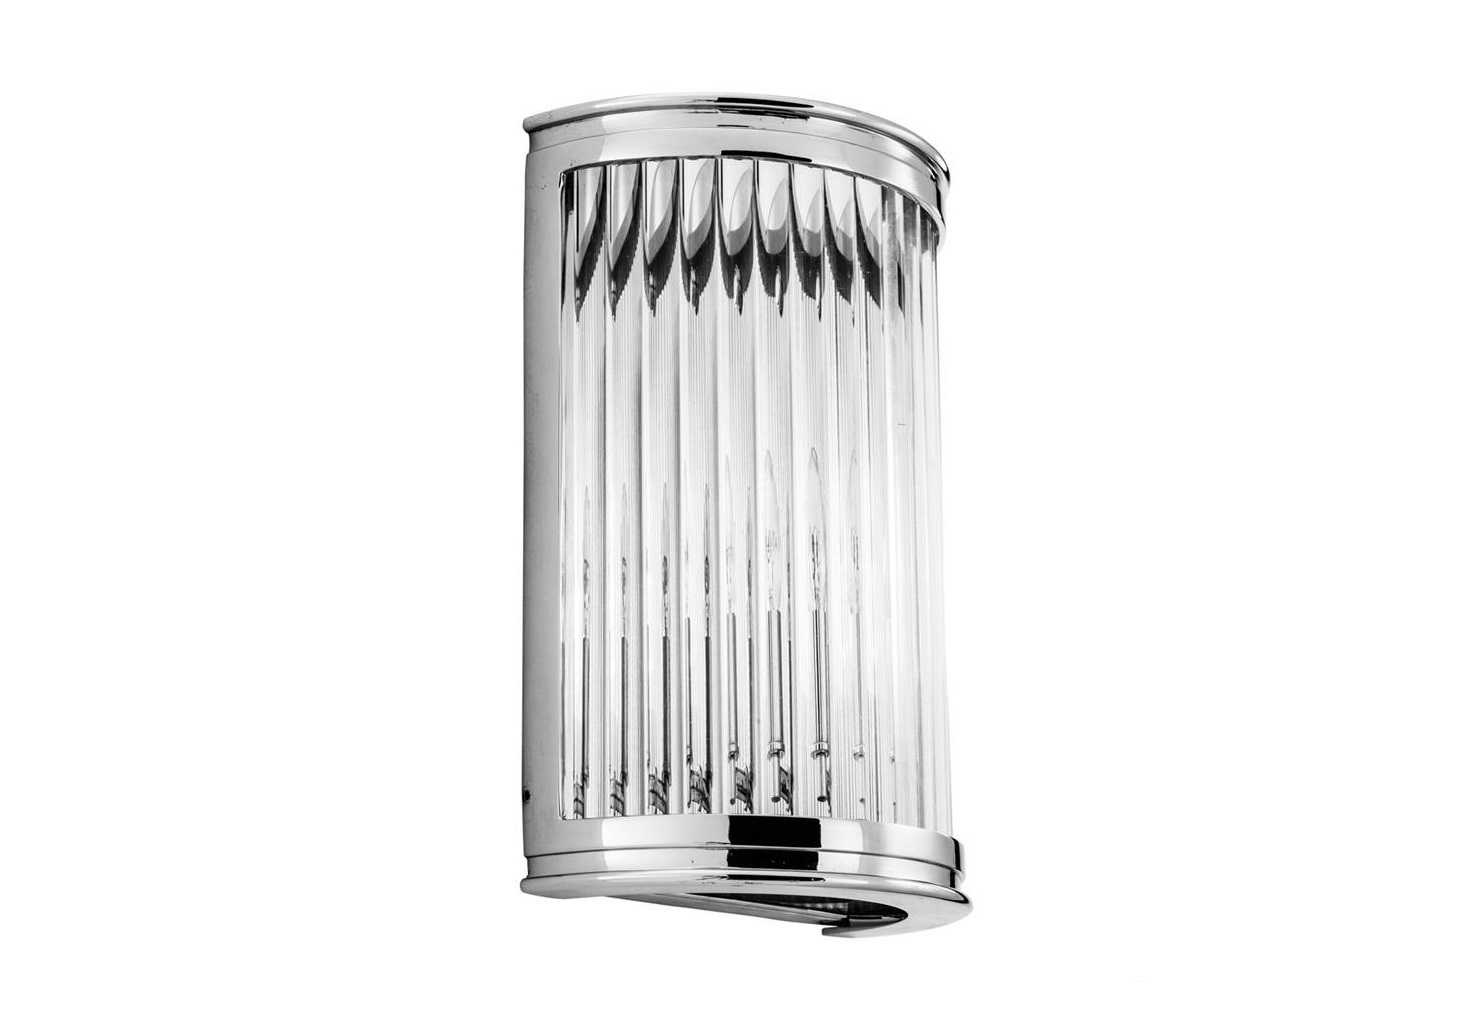 Настенный светильникБра<br>Настенный светильник Wall Lamp Alice выполнен из никелированного металла. Плафон выполнен из прозрачного фактурного стекла.&amp;lt;div&amp;gt;&amp;lt;br&amp;gt;&amp;lt;/div&amp;gt;&amp;lt;div&amp;gt;&amp;lt;div&amp;gt;Тип цоколя: E14&amp;lt;/div&amp;gt;&amp;lt;div&amp;gt;Мощность: 40W&amp;lt;/div&amp;gt;&amp;lt;div&amp;gt;Кол-во ламп: 1 (нет в комплекте)&amp;lt;/div&amp;gt;&amp;lt;/div&amp;gt;<br><br>Material: Металл<br>Ширина см: 21<br>Высота см: 31<br>Глубина см: 11